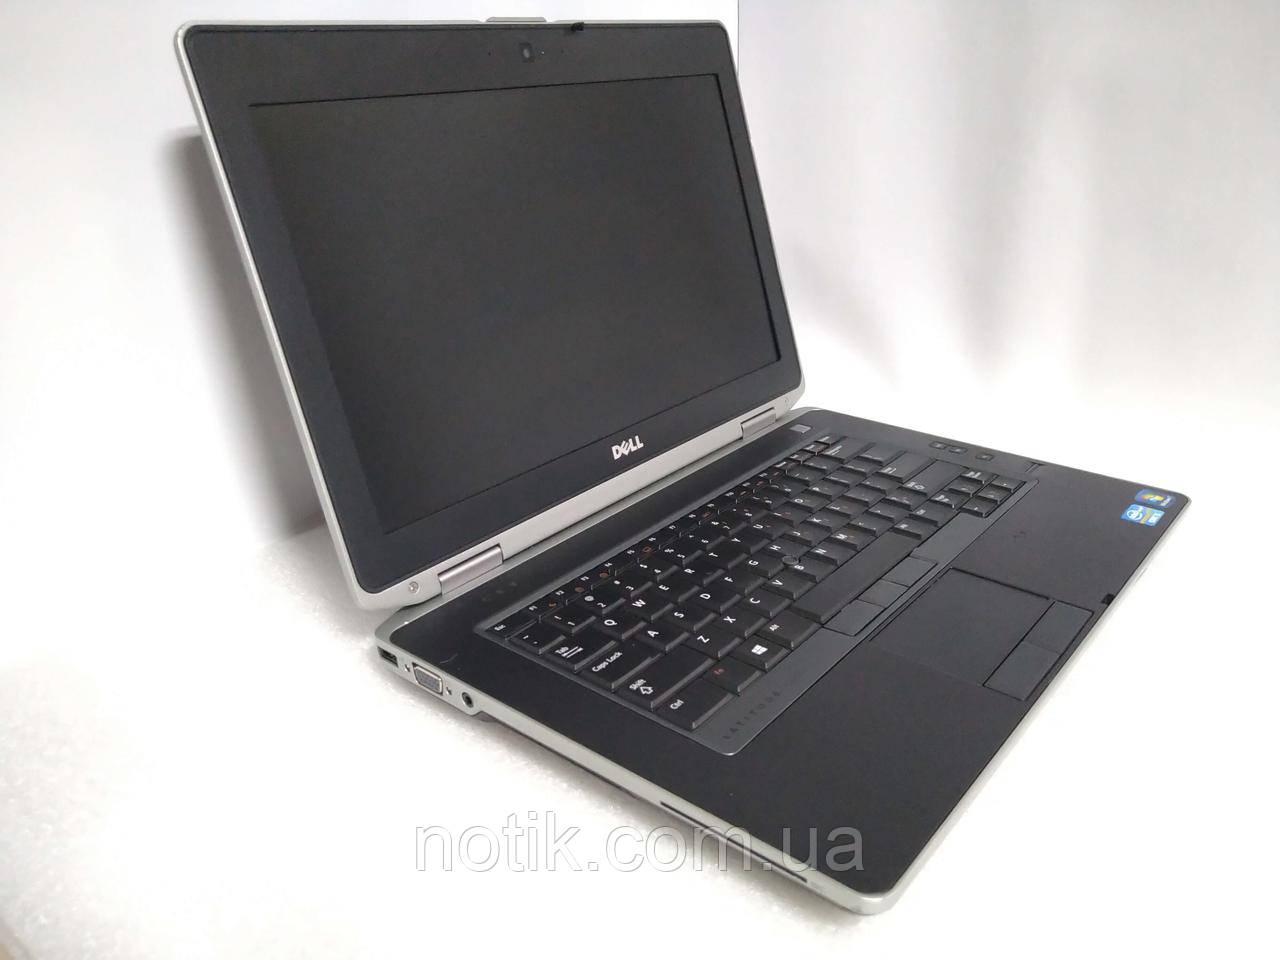 """Ноутбук Dell E6430 i5-3320M/4Gb/160Gb/DVDRW/14"""""""